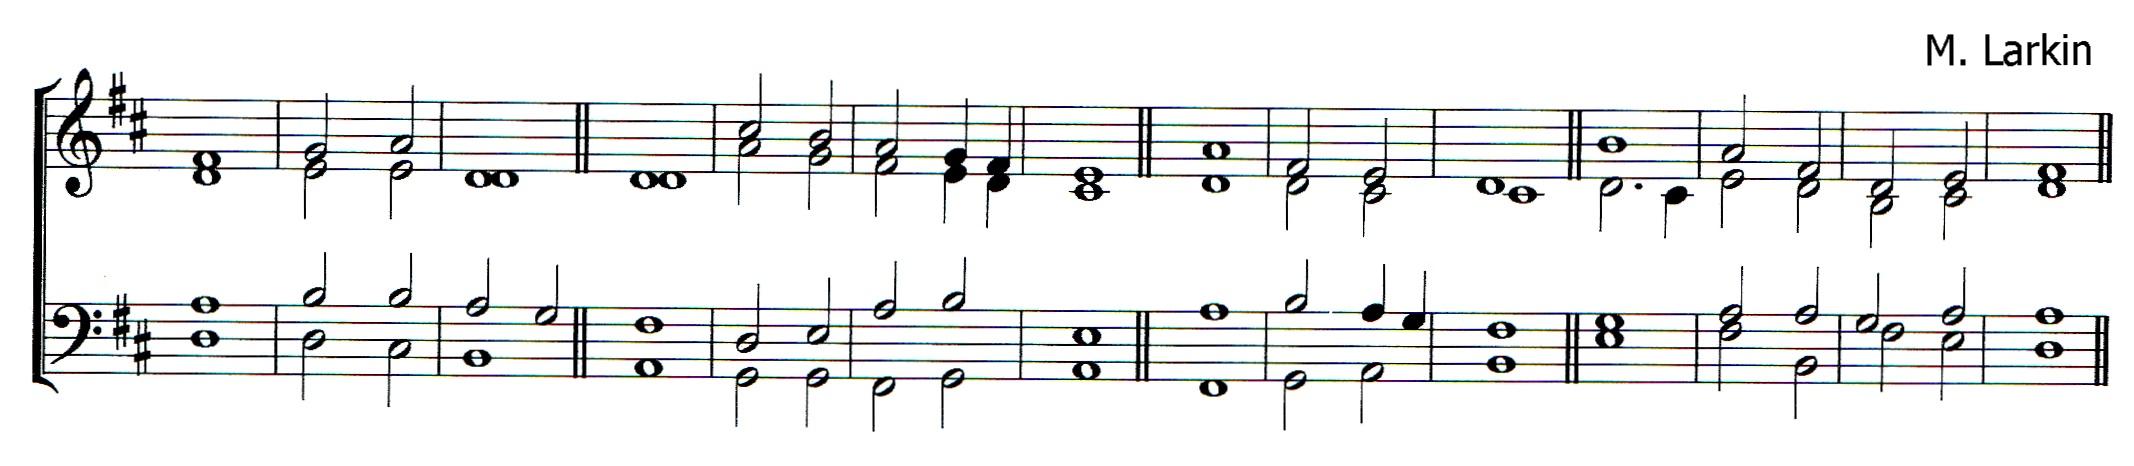 Double chant in D major by Matthew Larkin